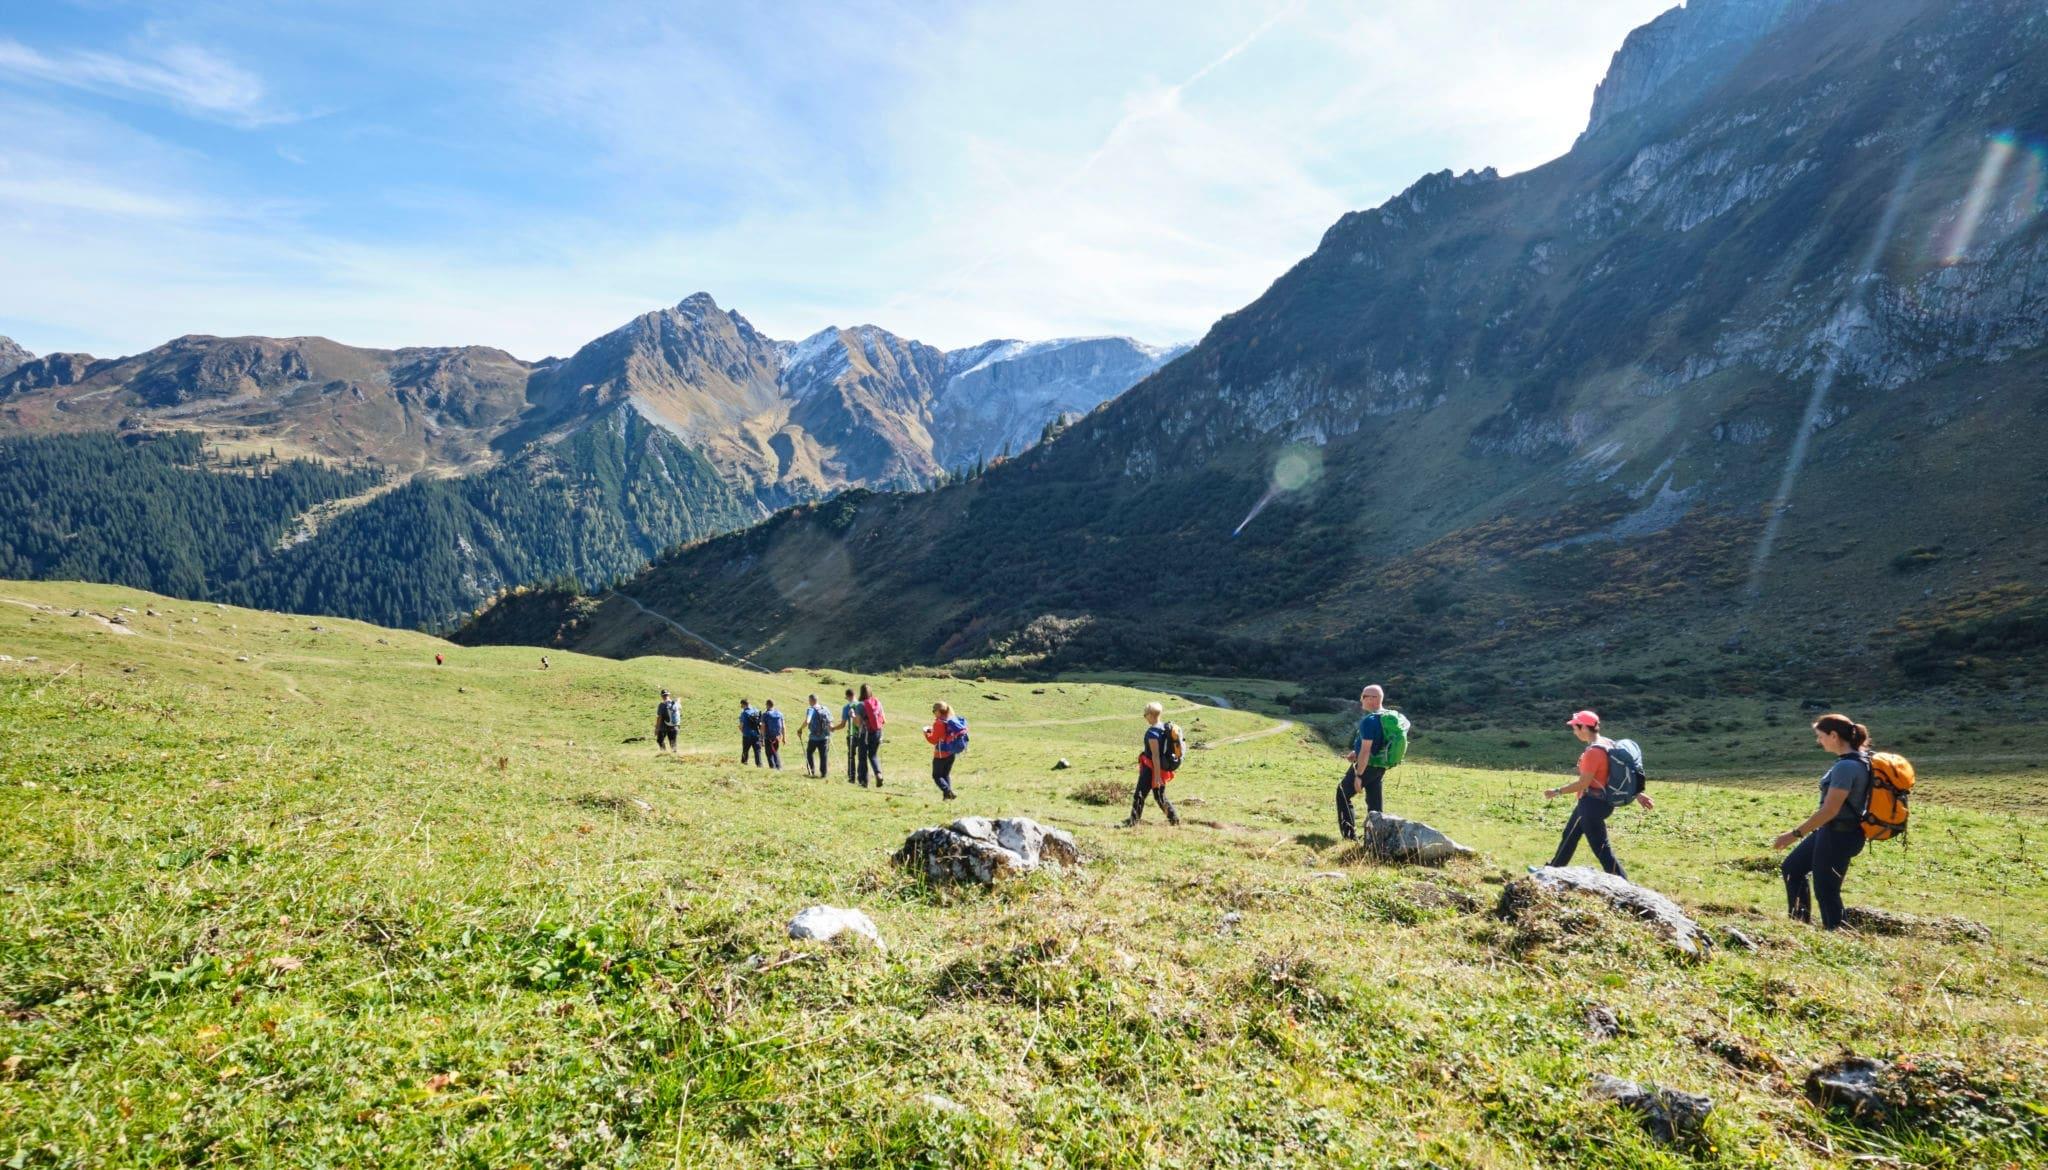 Alpenüberquerung: Schöffel stillt eure Sehnsucht